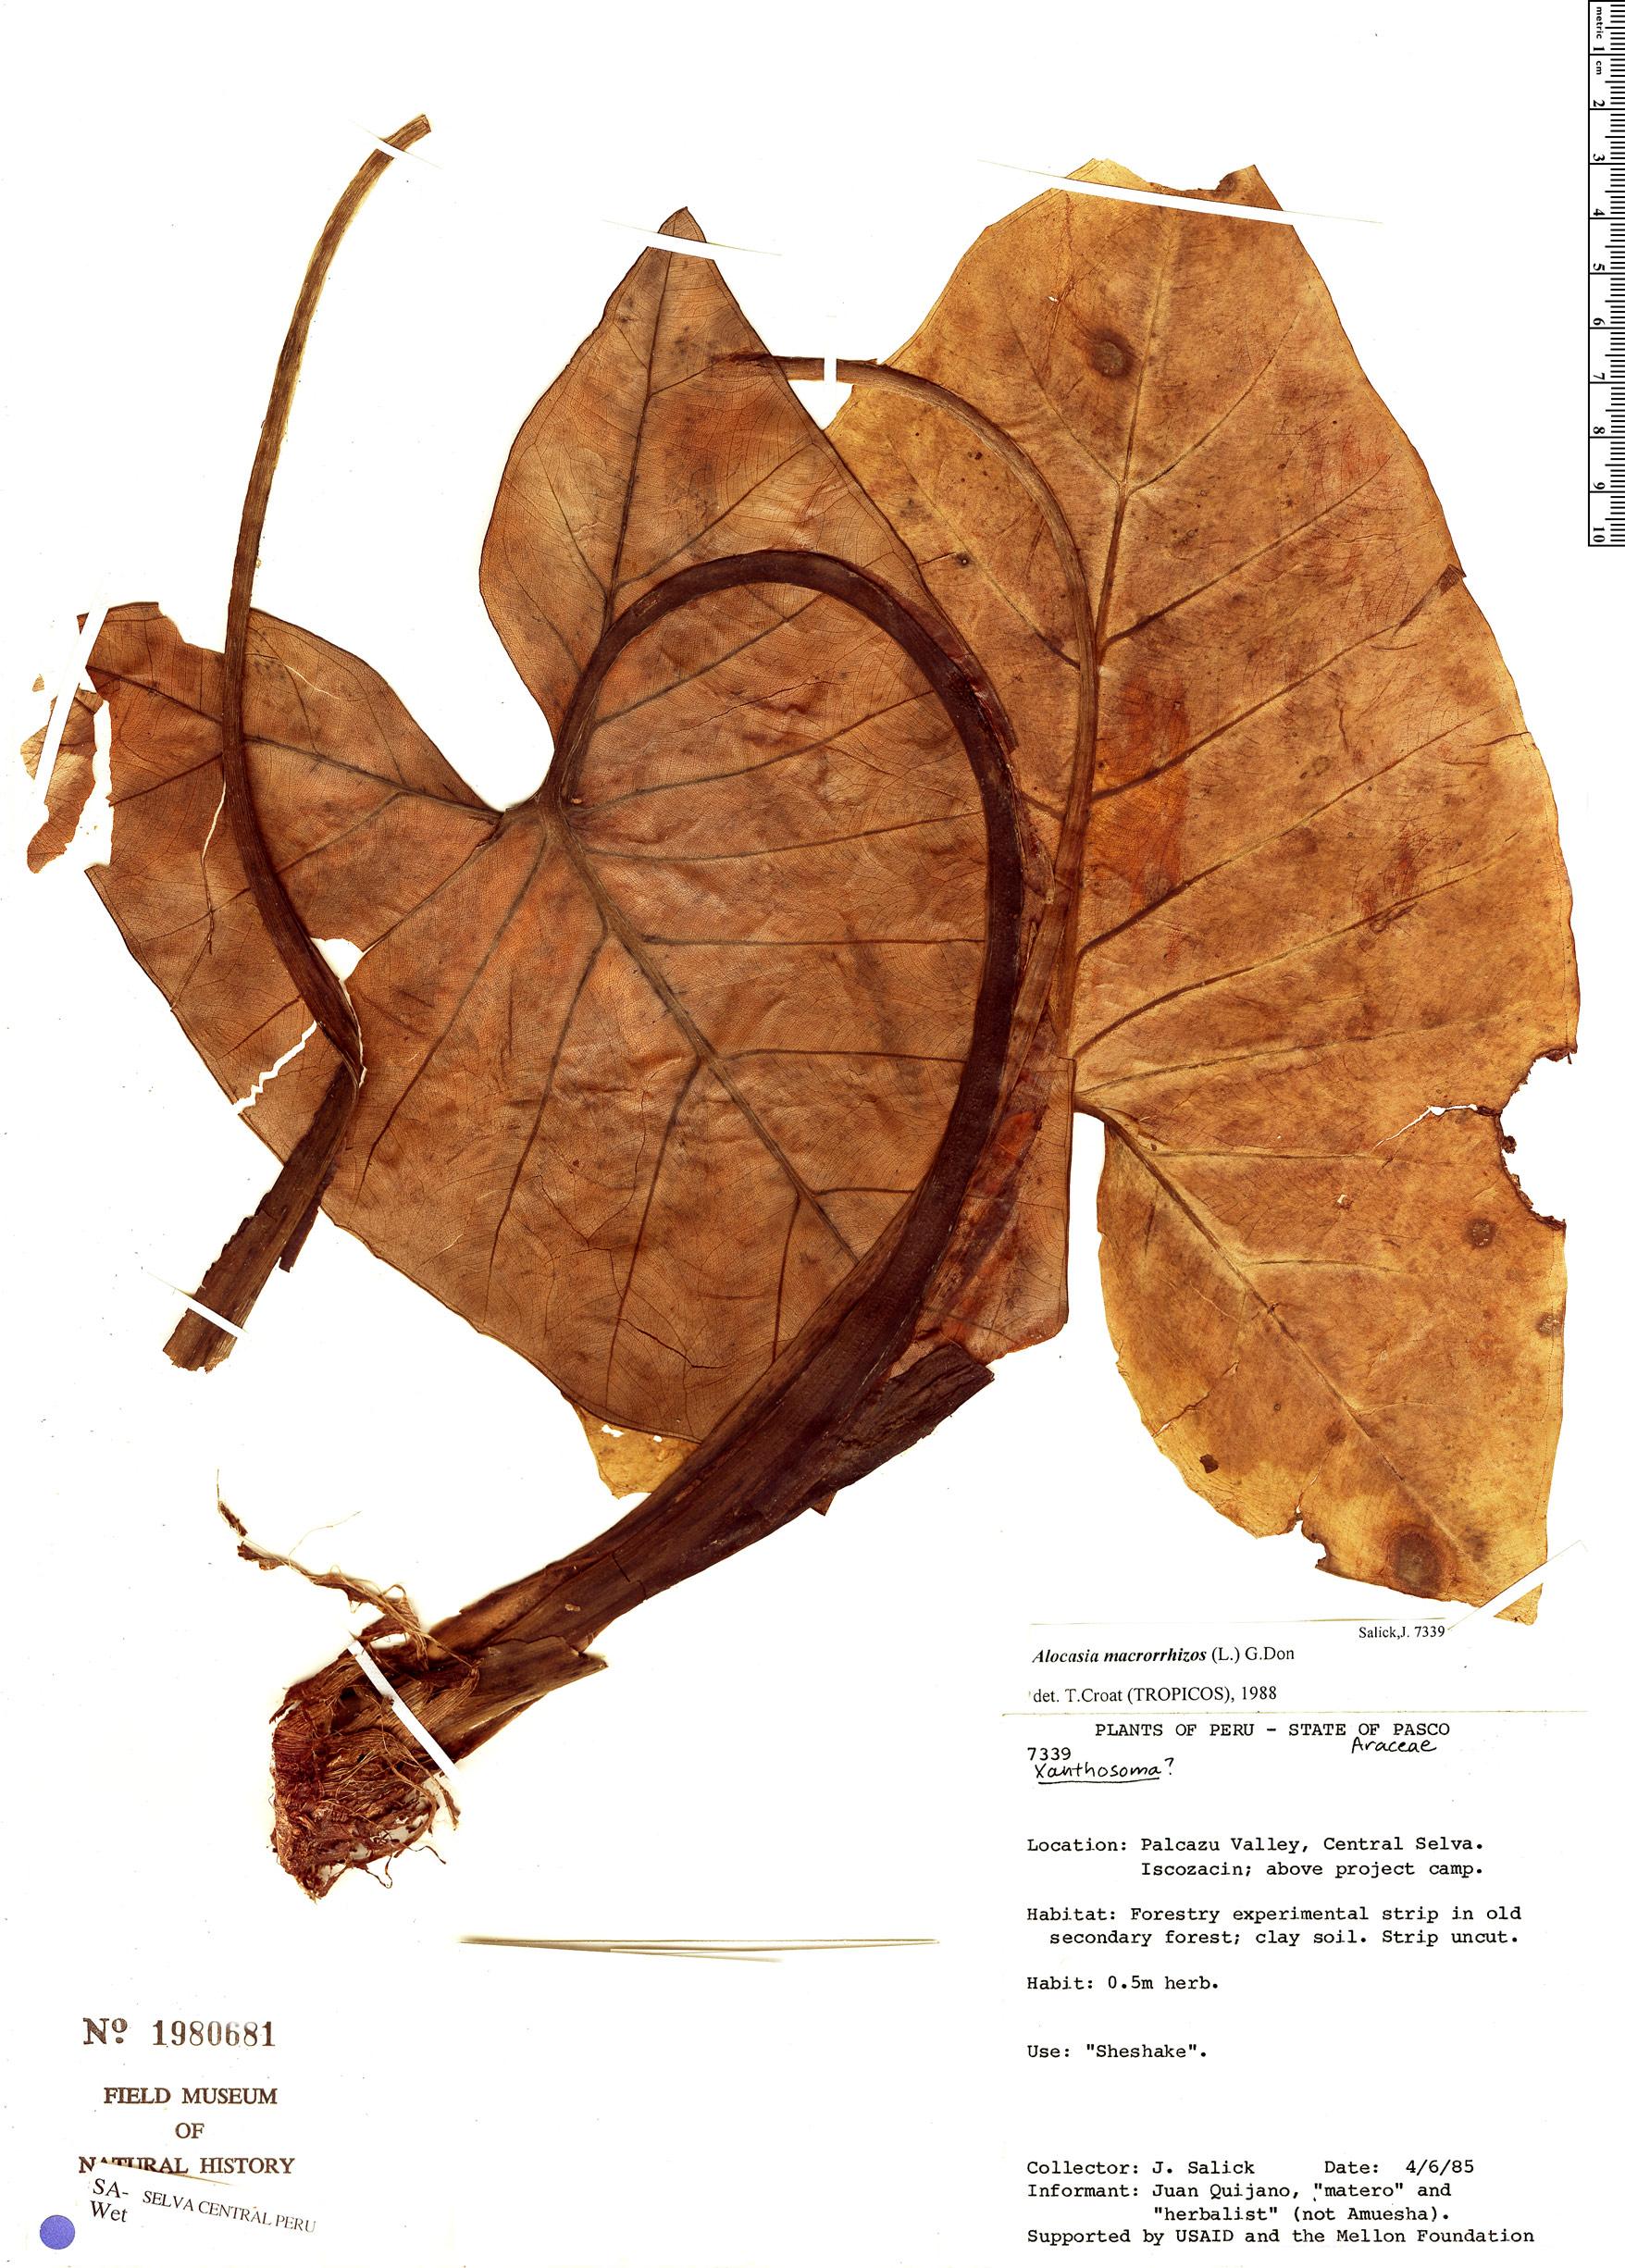 Specimen: Alocasia macrorrhizos